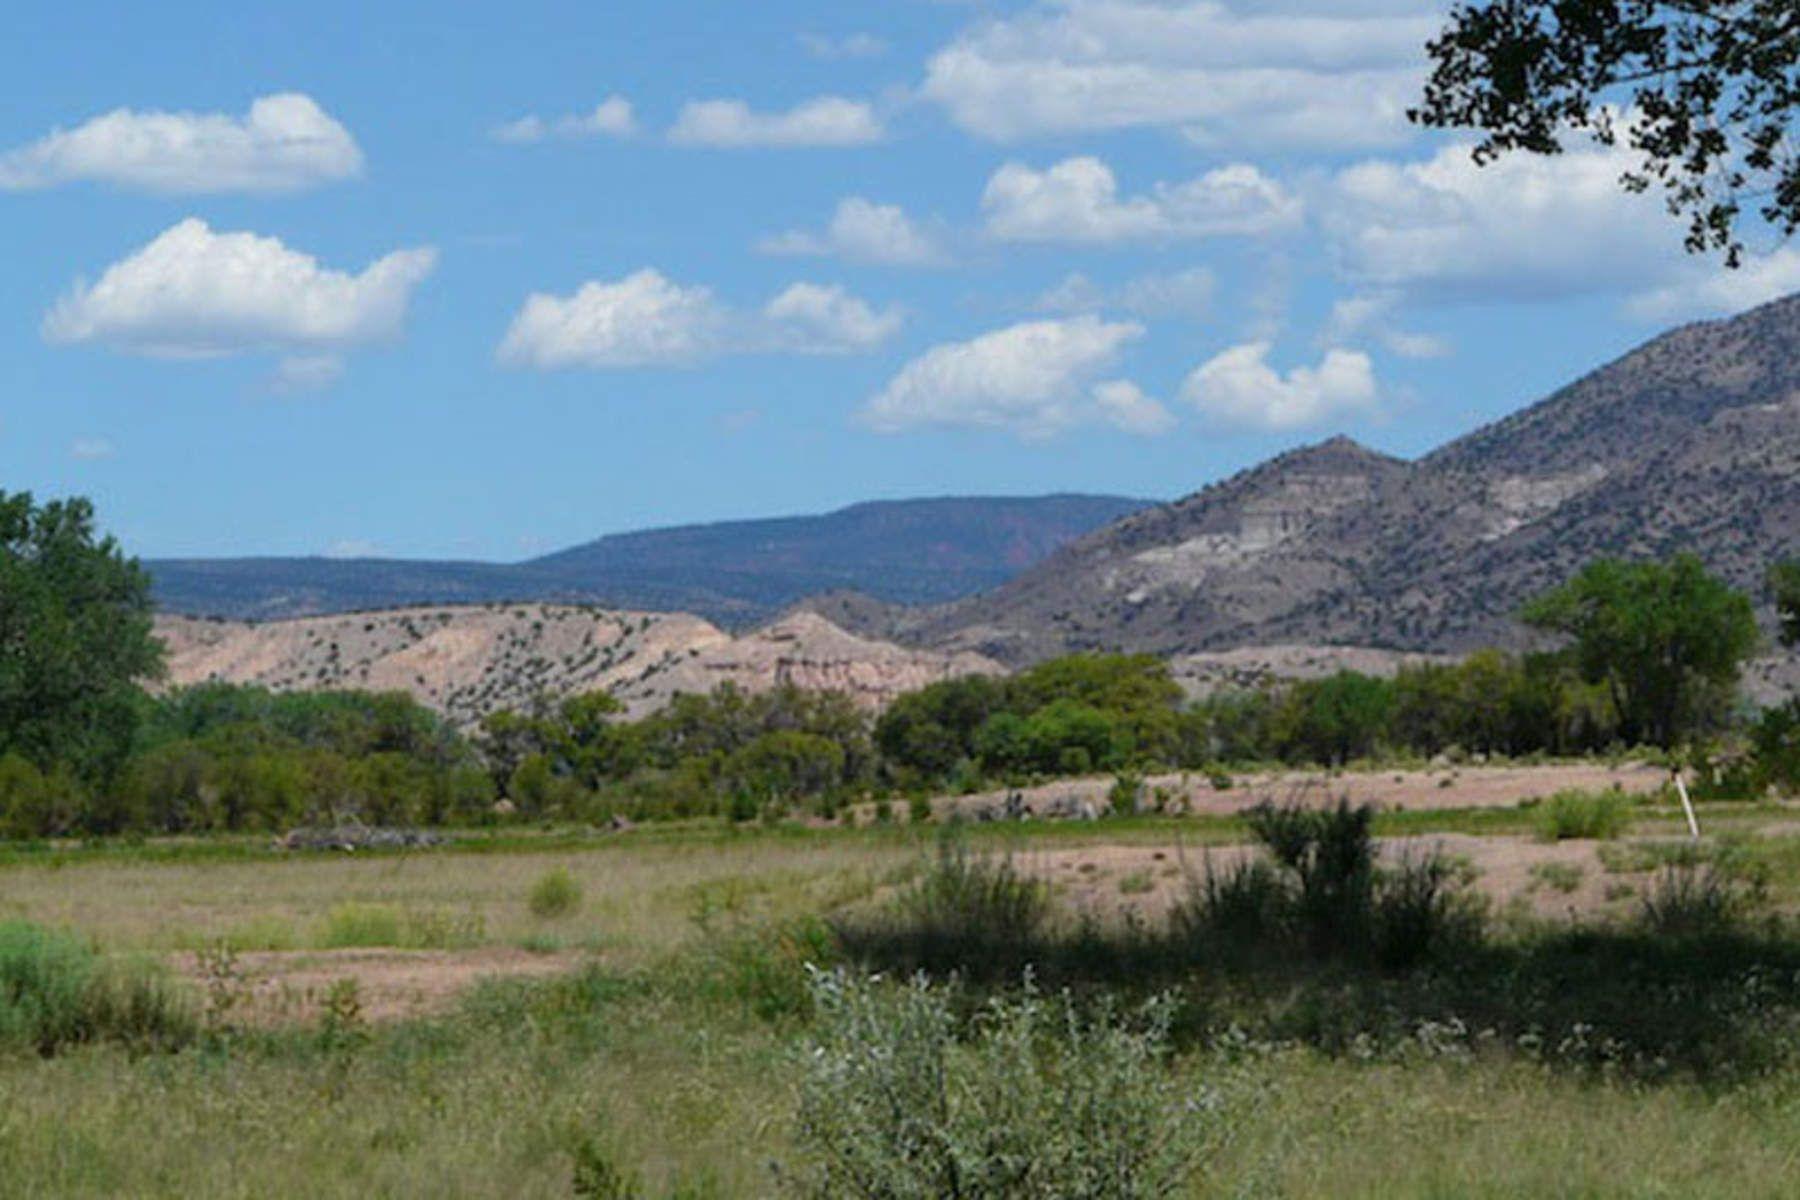 Terreno per Vendita alle ore County Road 142, Tract E-1-B-2 County Road 142, Tract E1-B2, Abiquiu, Nuovo Messico 87510 Stati Uniti